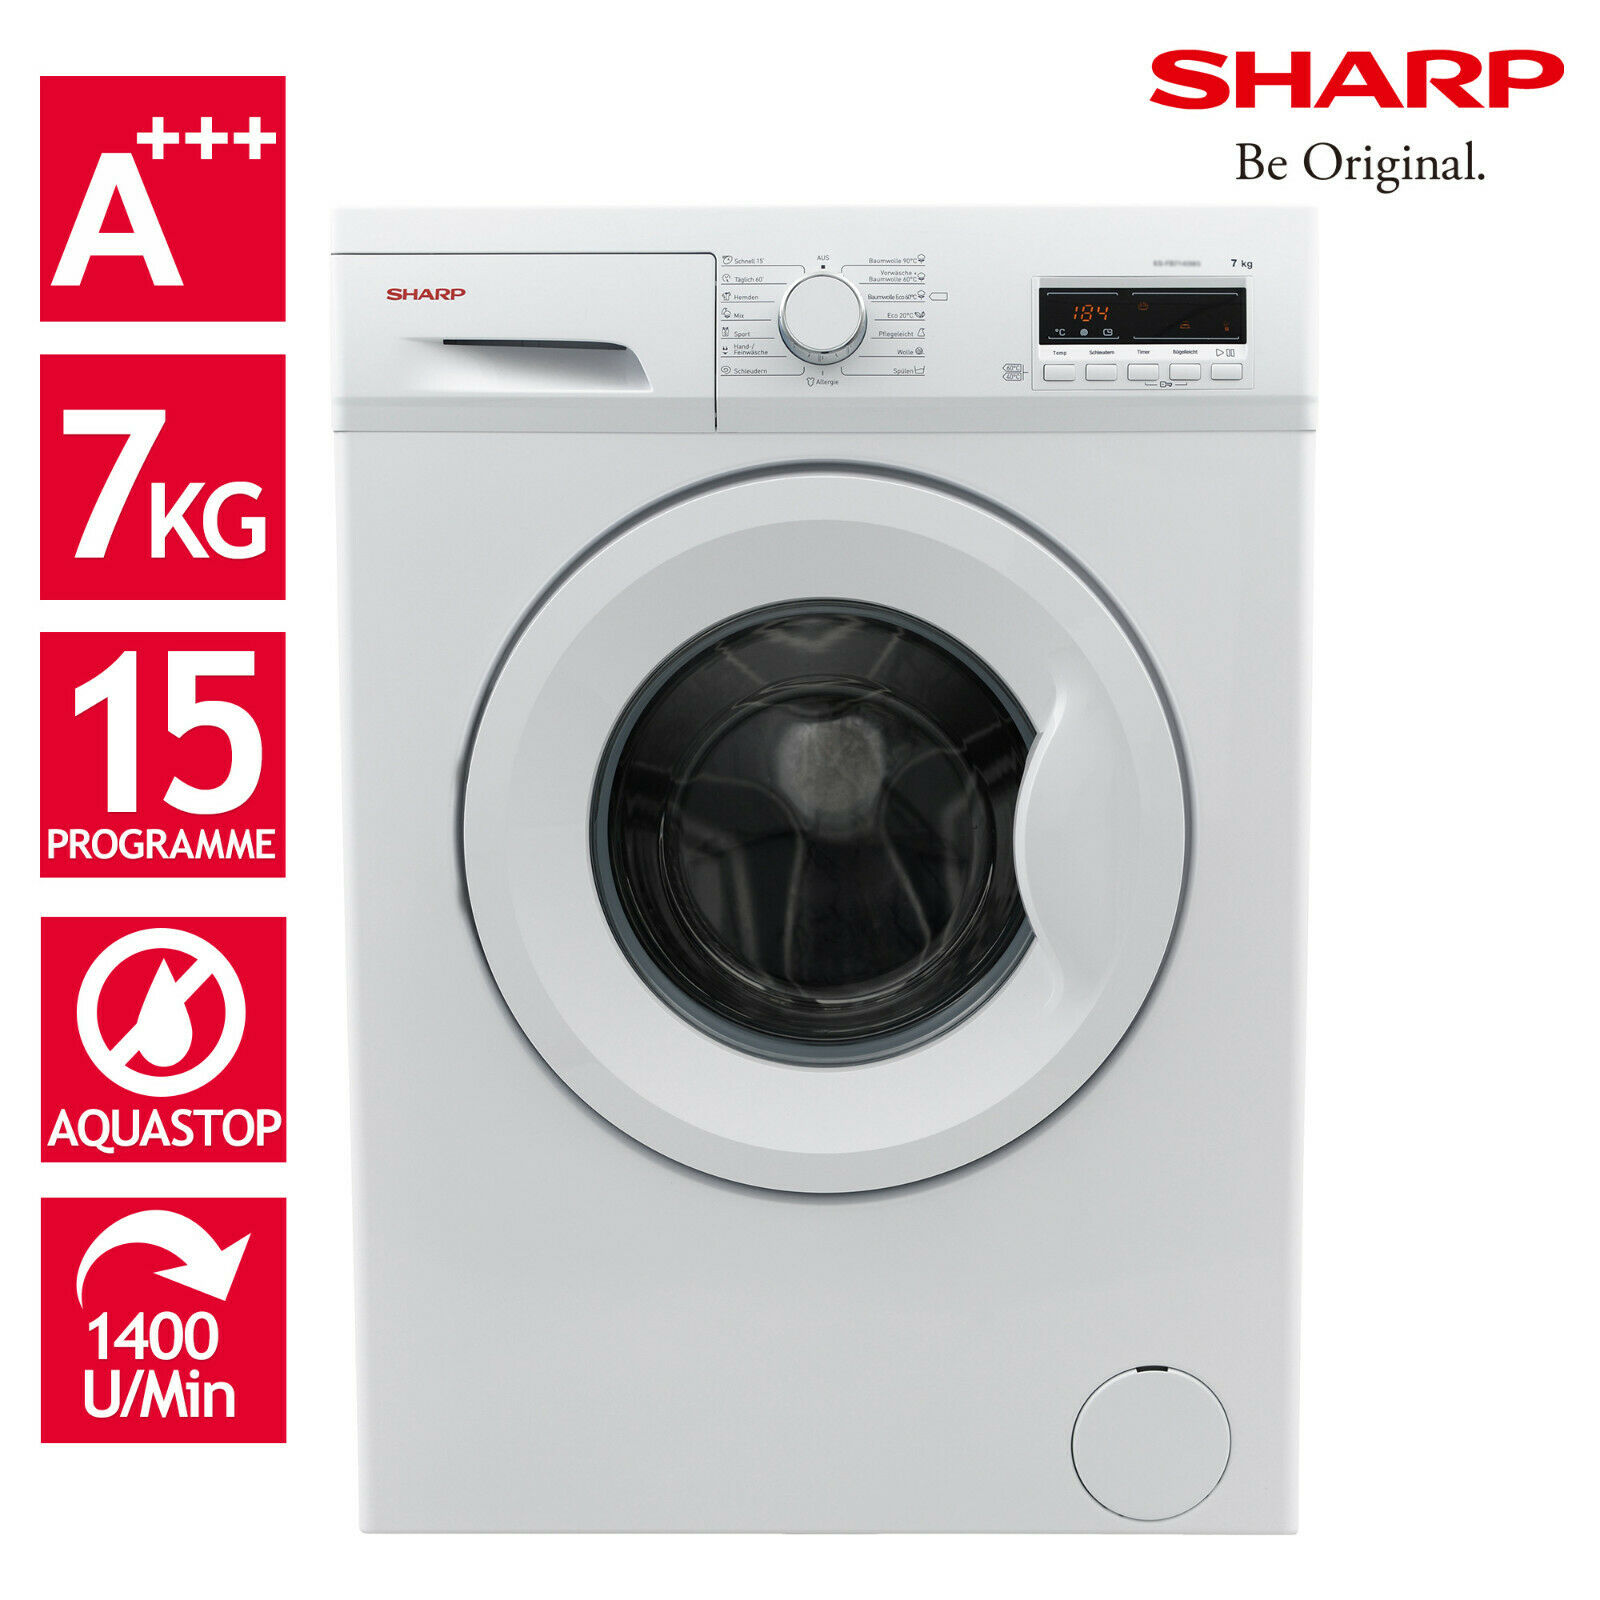 Bild zu 7 kg Waschmaschine Sharp ES-FB7143W3A-DE für 286,99€ (Vergleich: 333,90€)